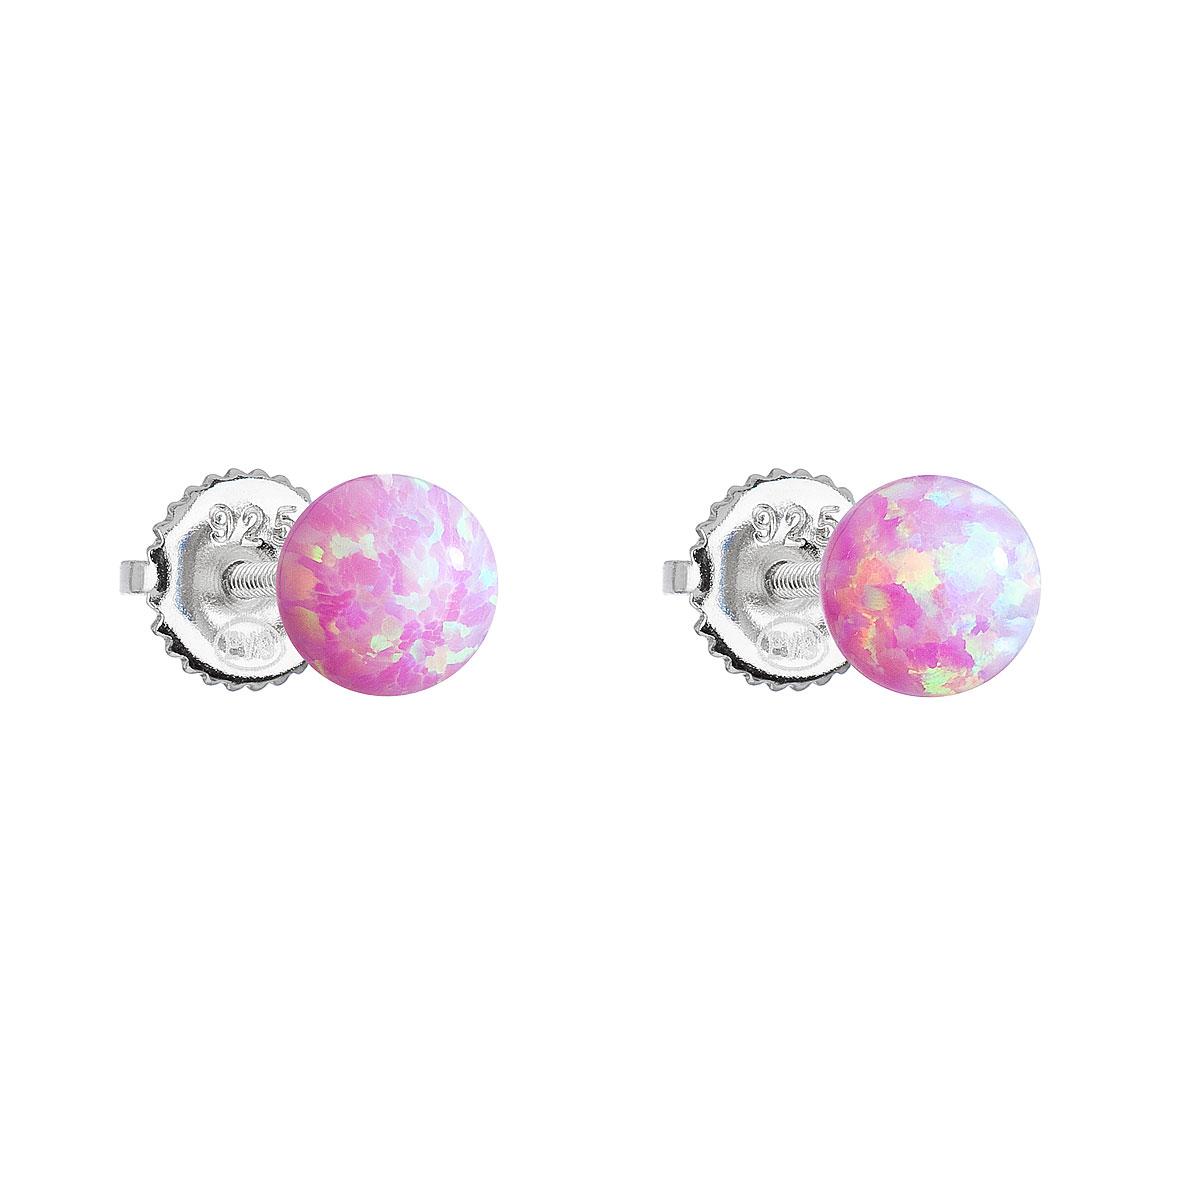 Strieborné náušnice kôstky so syntetickým opálom ružové okrúhle 11246.3